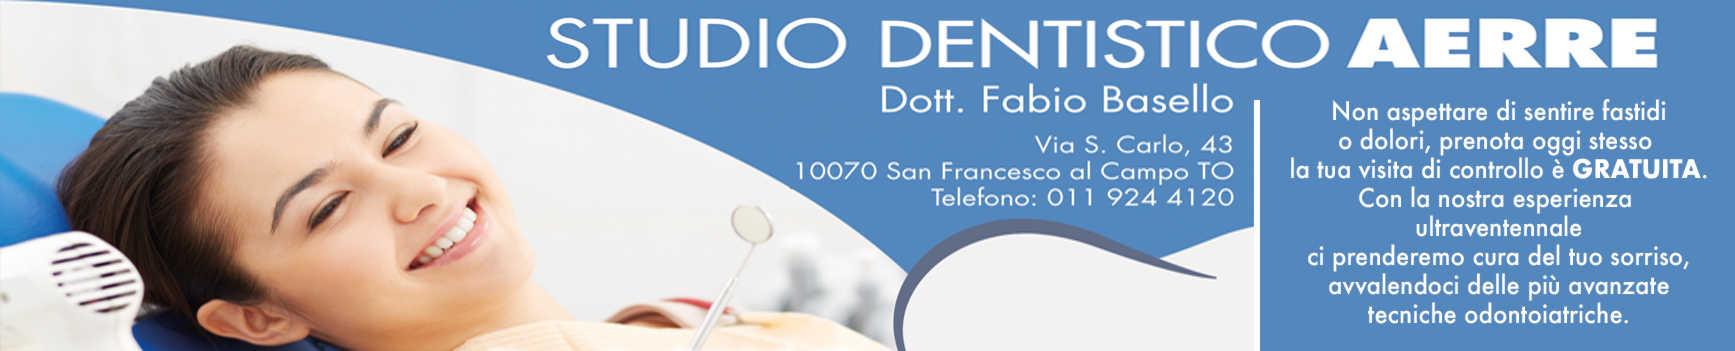 studio-dentistico-aerre-banner-studio-dentistico-rivista-promuovere